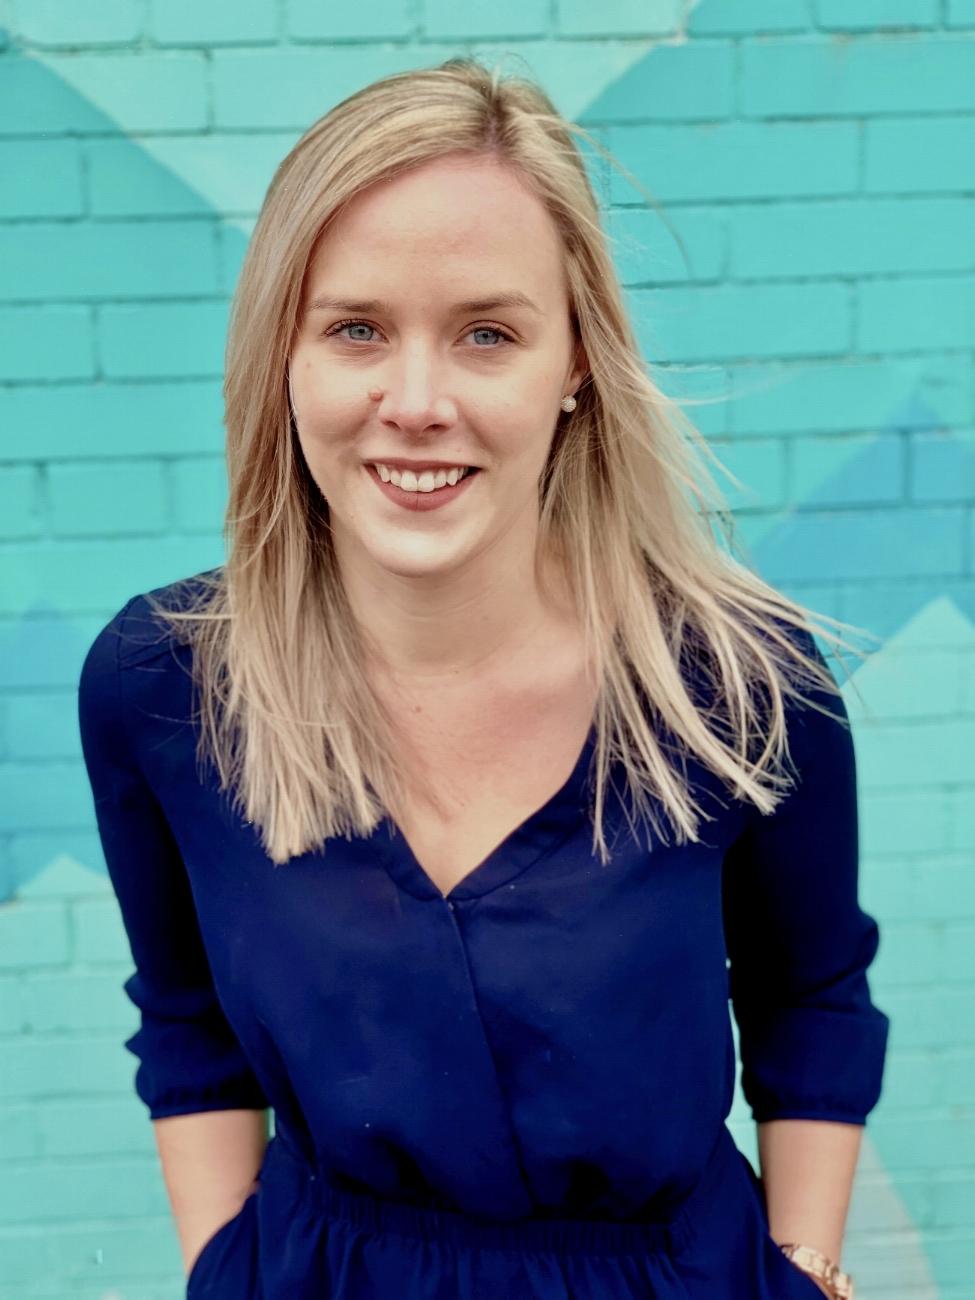 Caitlin Vlasschaert - Medical StudentNorthern Ontario School of Medicine